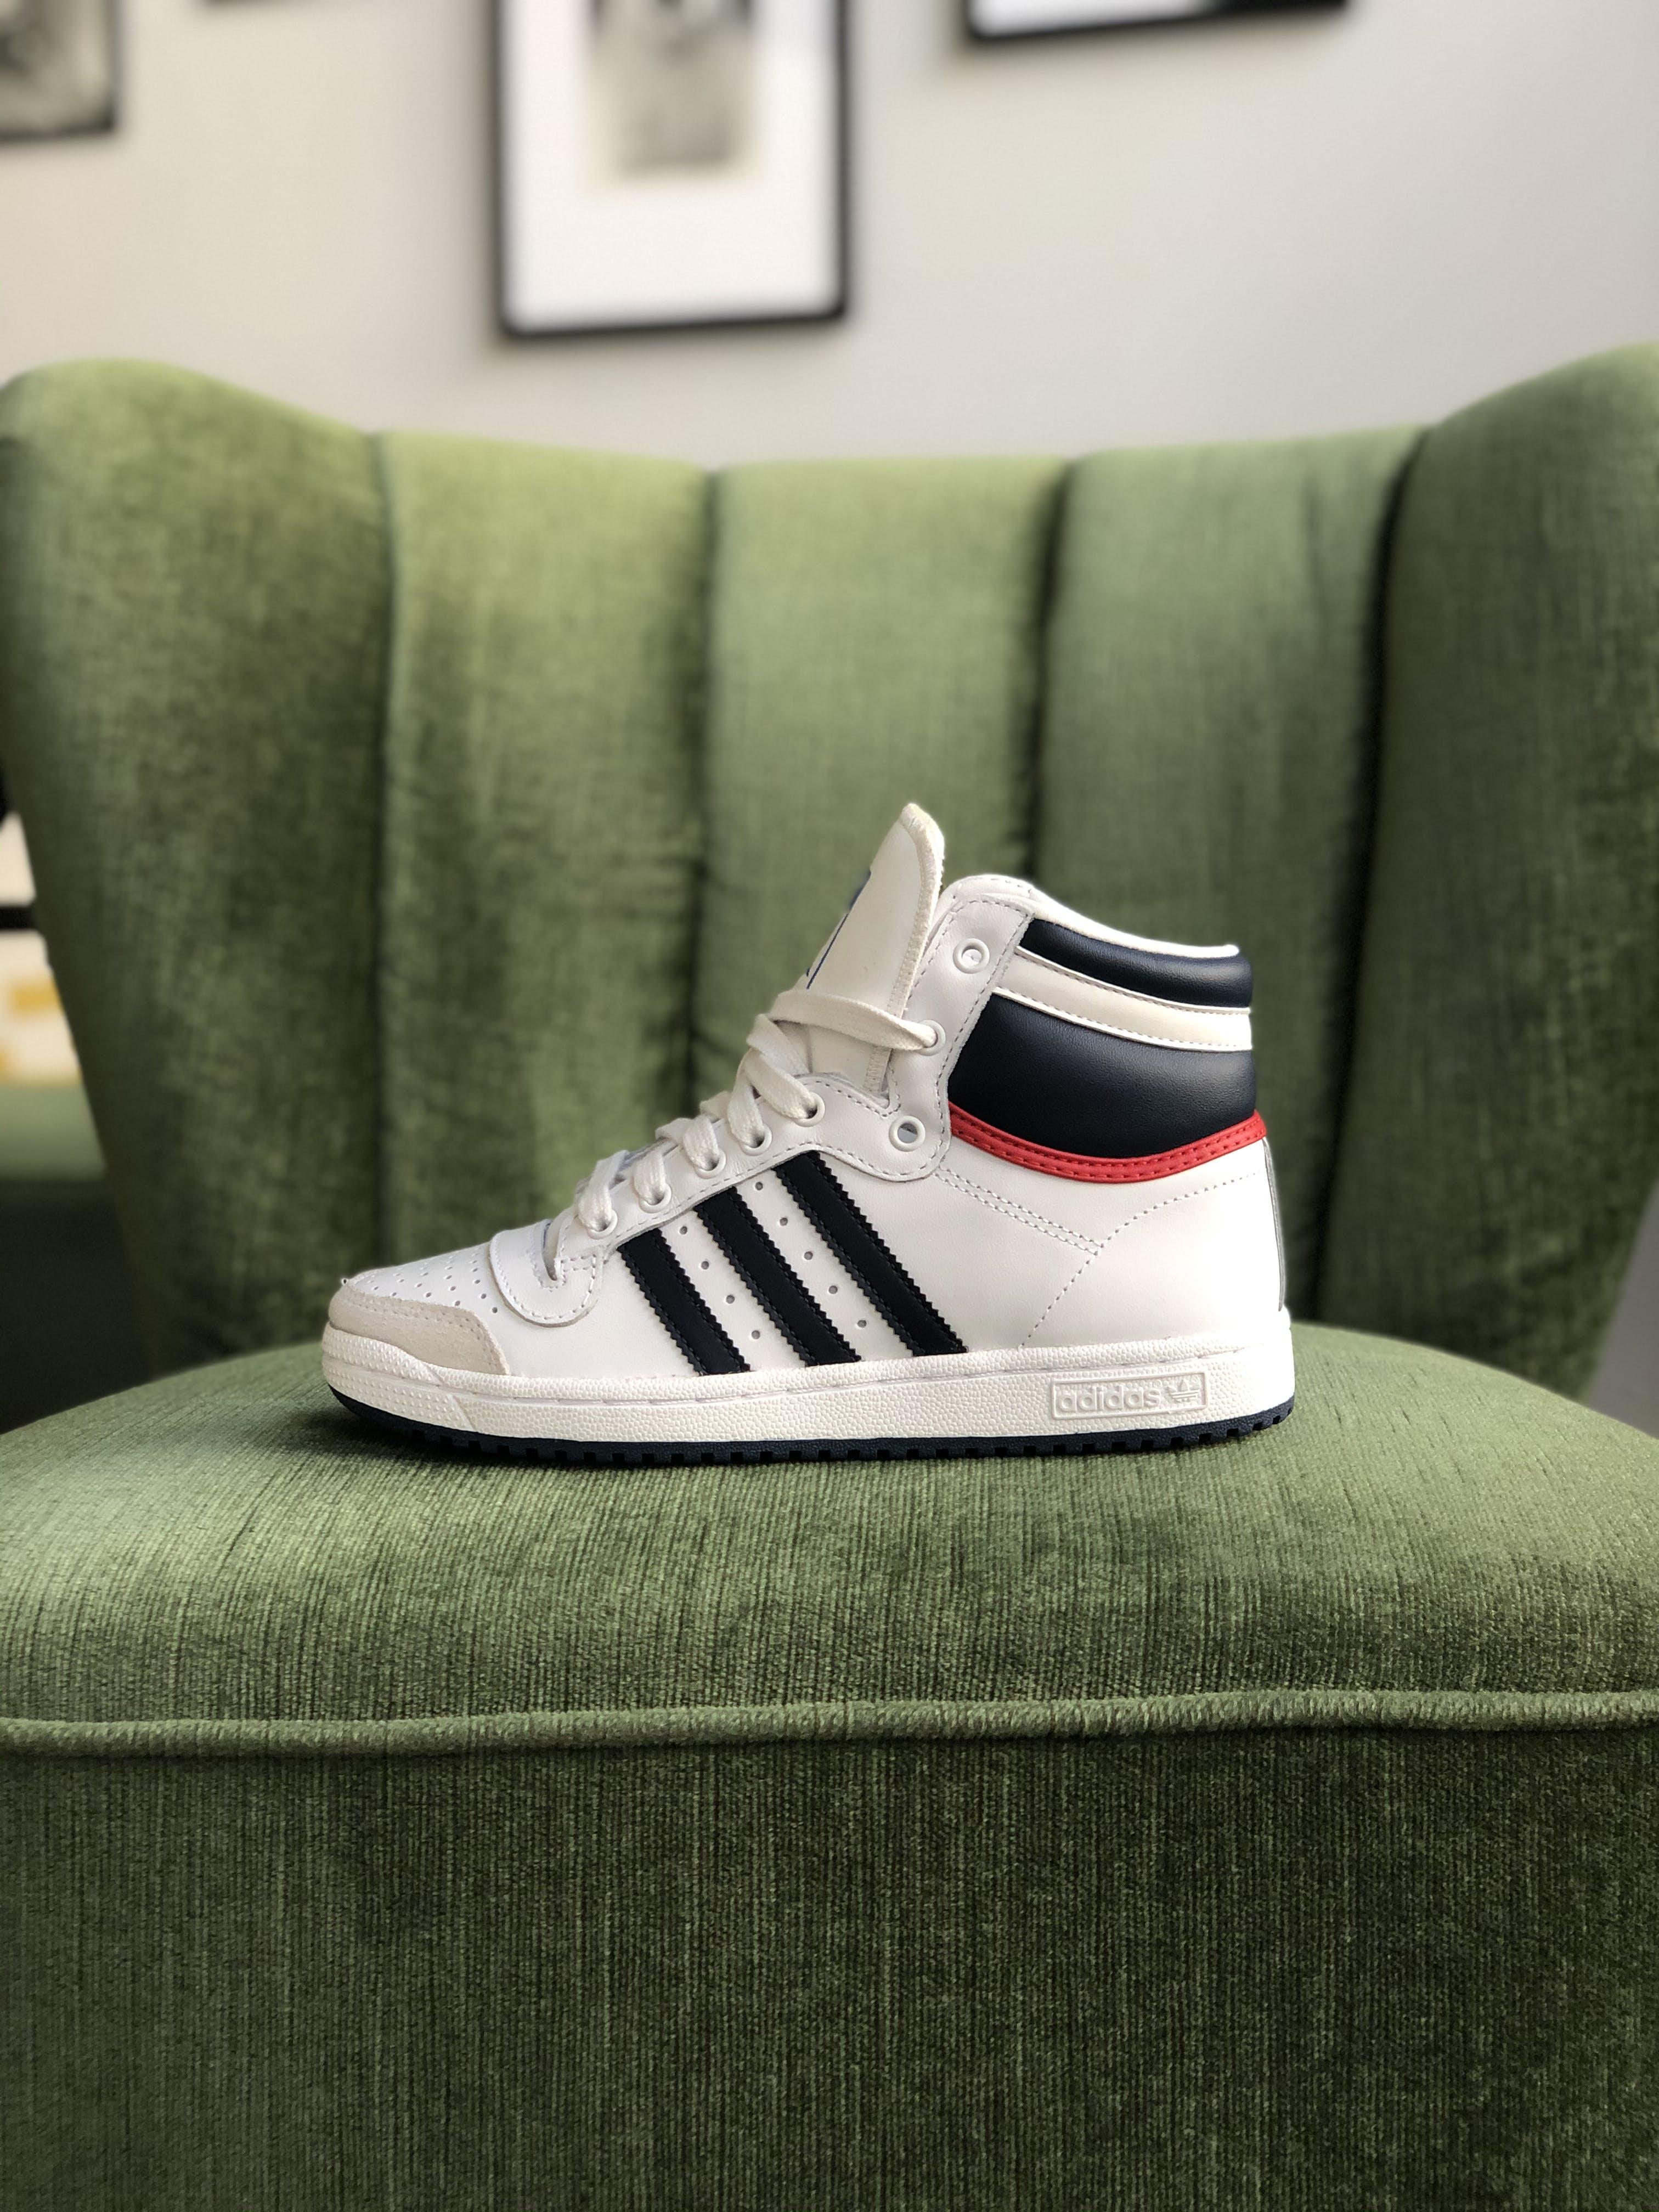 Adidas Top Ten OG - Sizerun 40 - 45 1/3